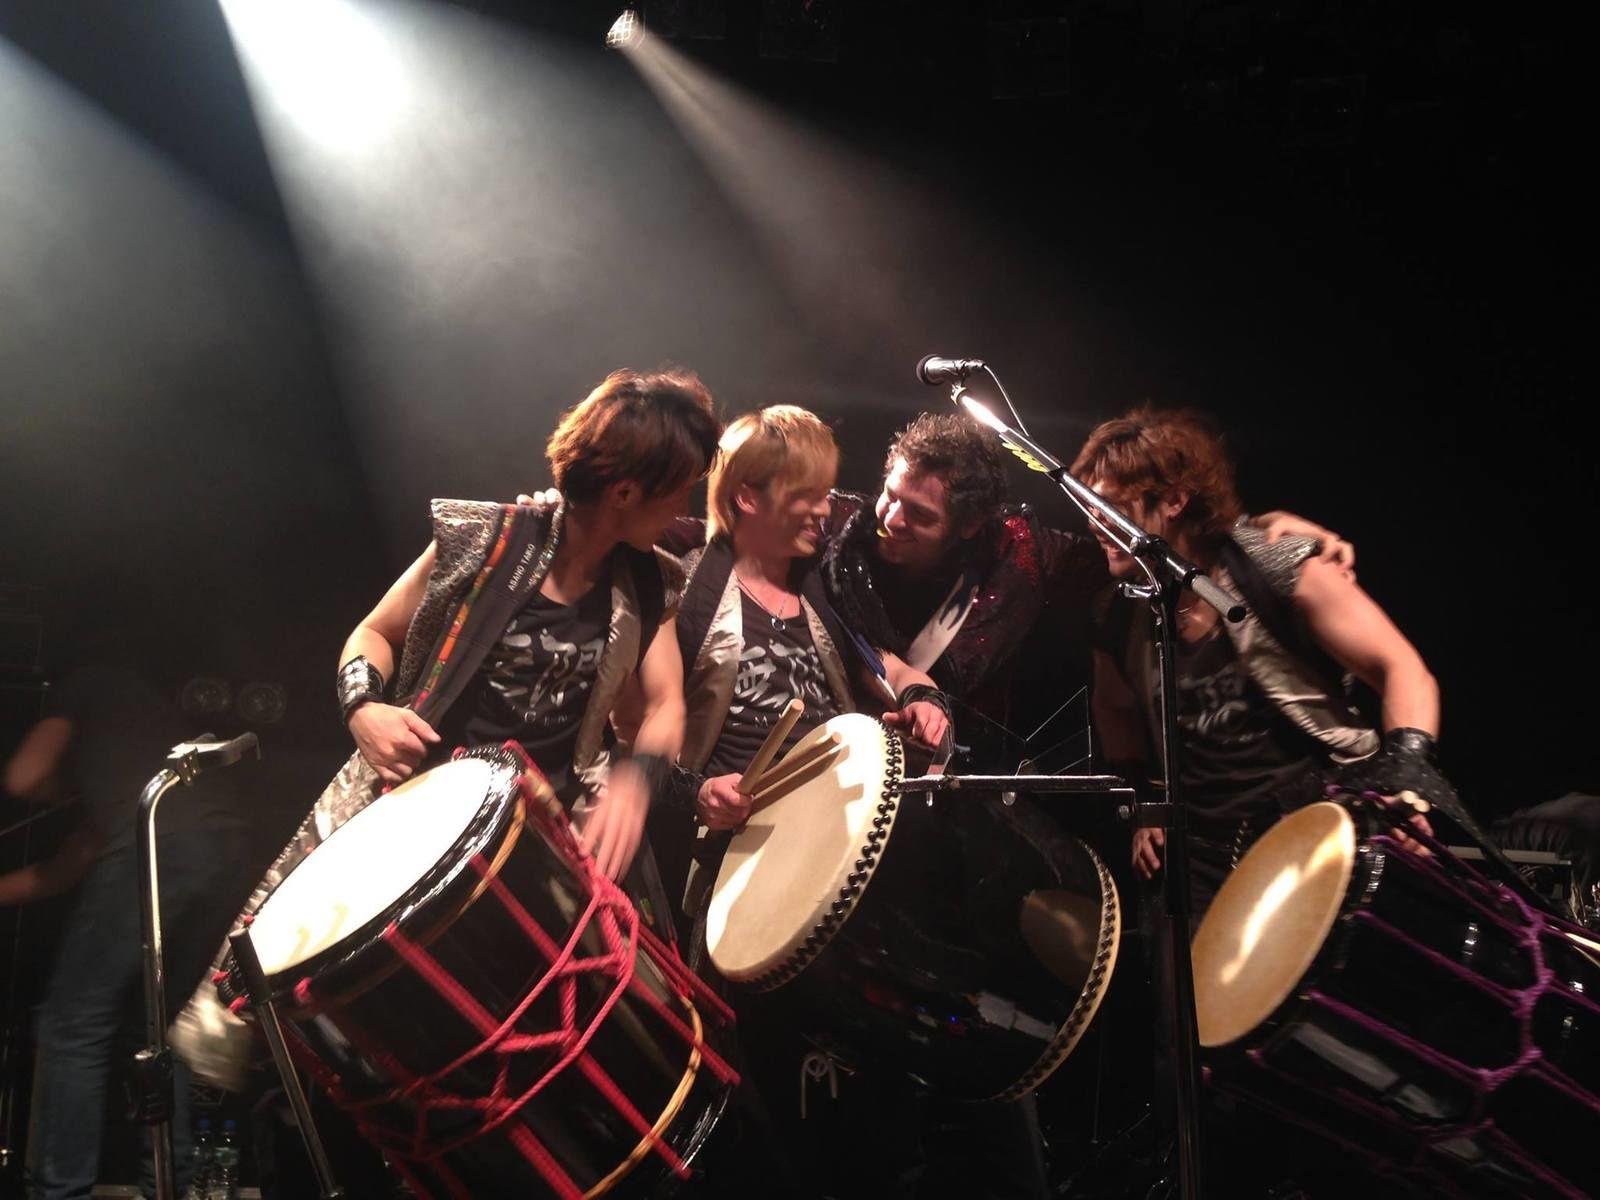 Matthieu Chedid et MUGEN au Unit club de Tokyo - Photo par Elodie K.